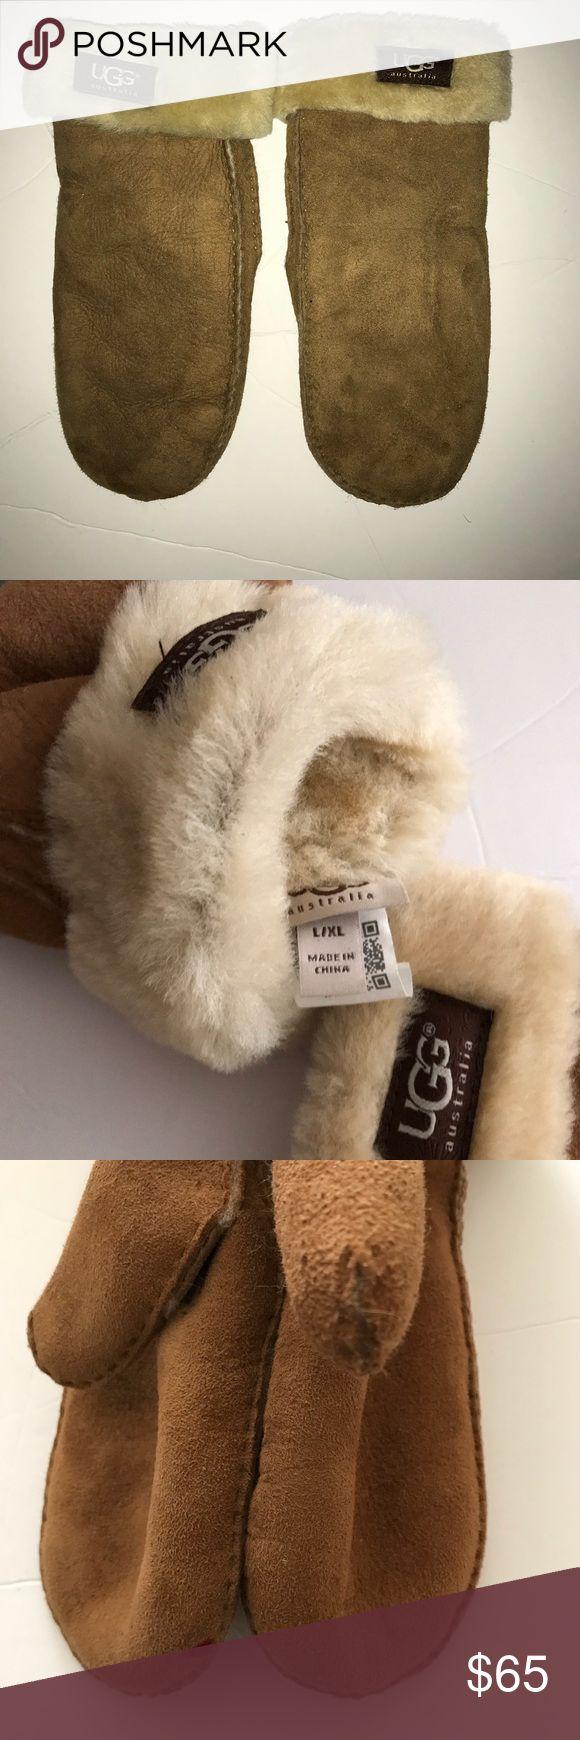 Ugg Mittens Ugg mittens  Fur cuffs * Red marking on tip of right mitten* UGG Accessories Gloves & Mittens